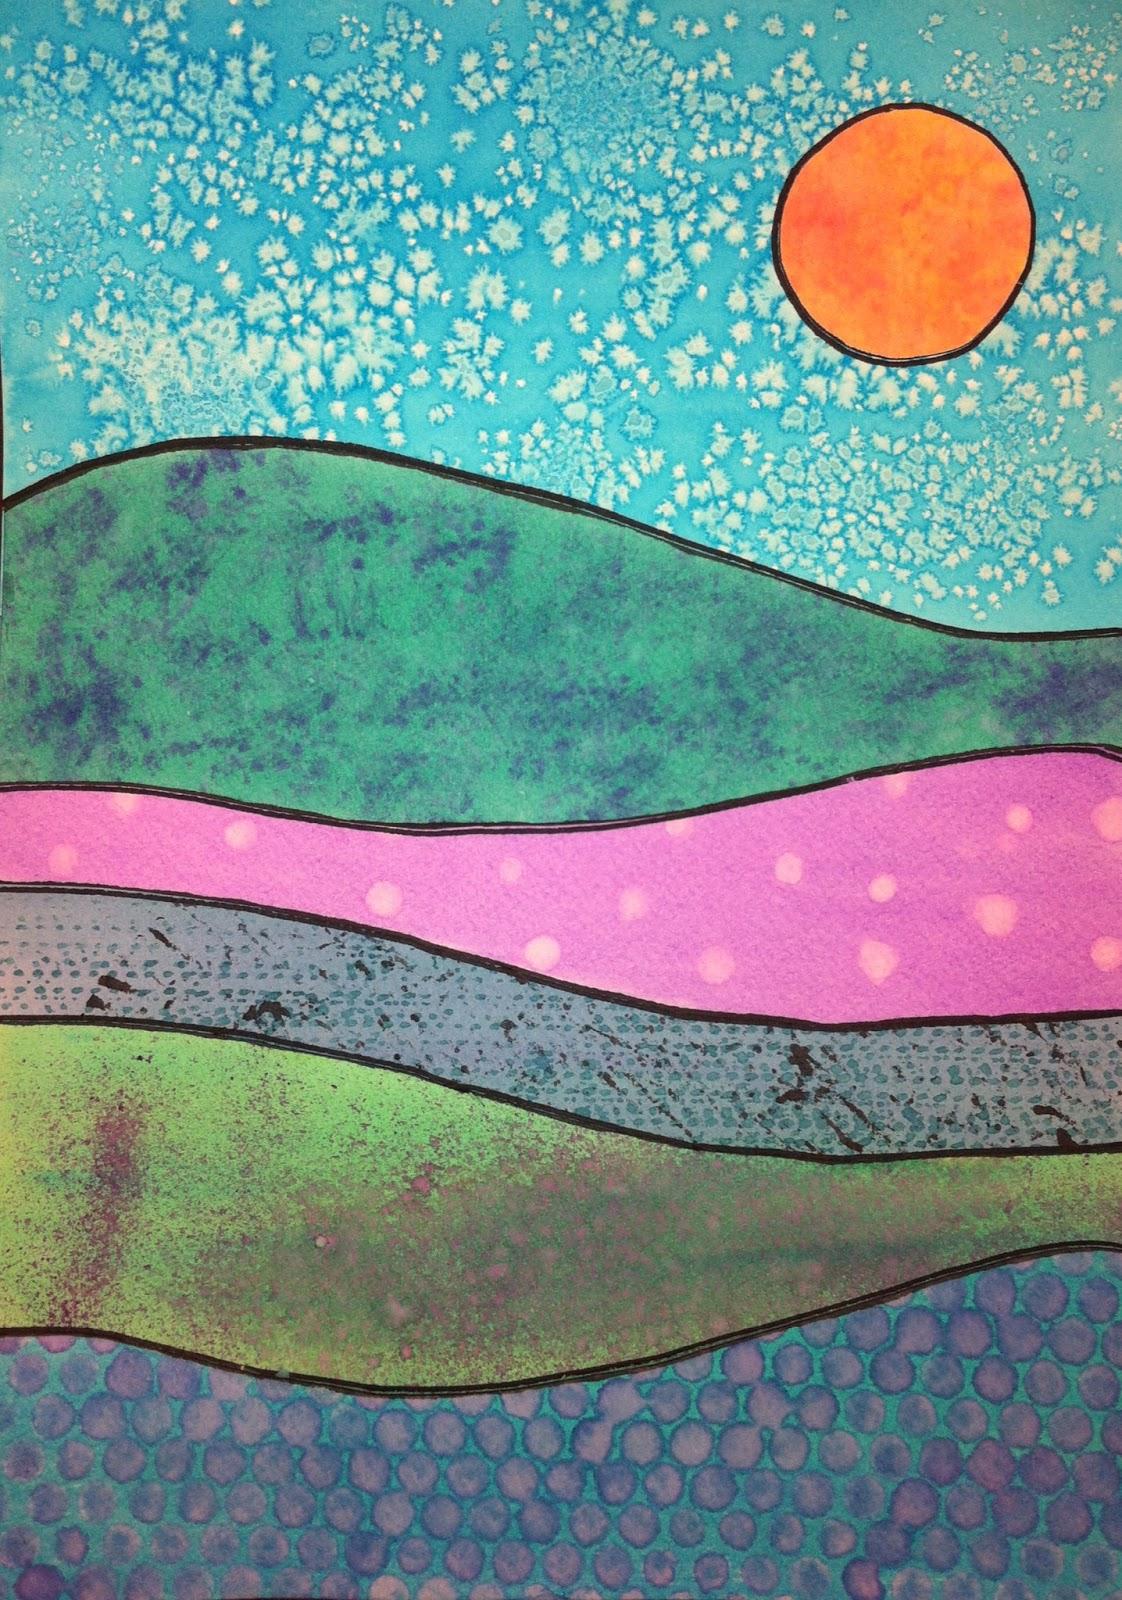 Watercolor technique landscapes kids art class